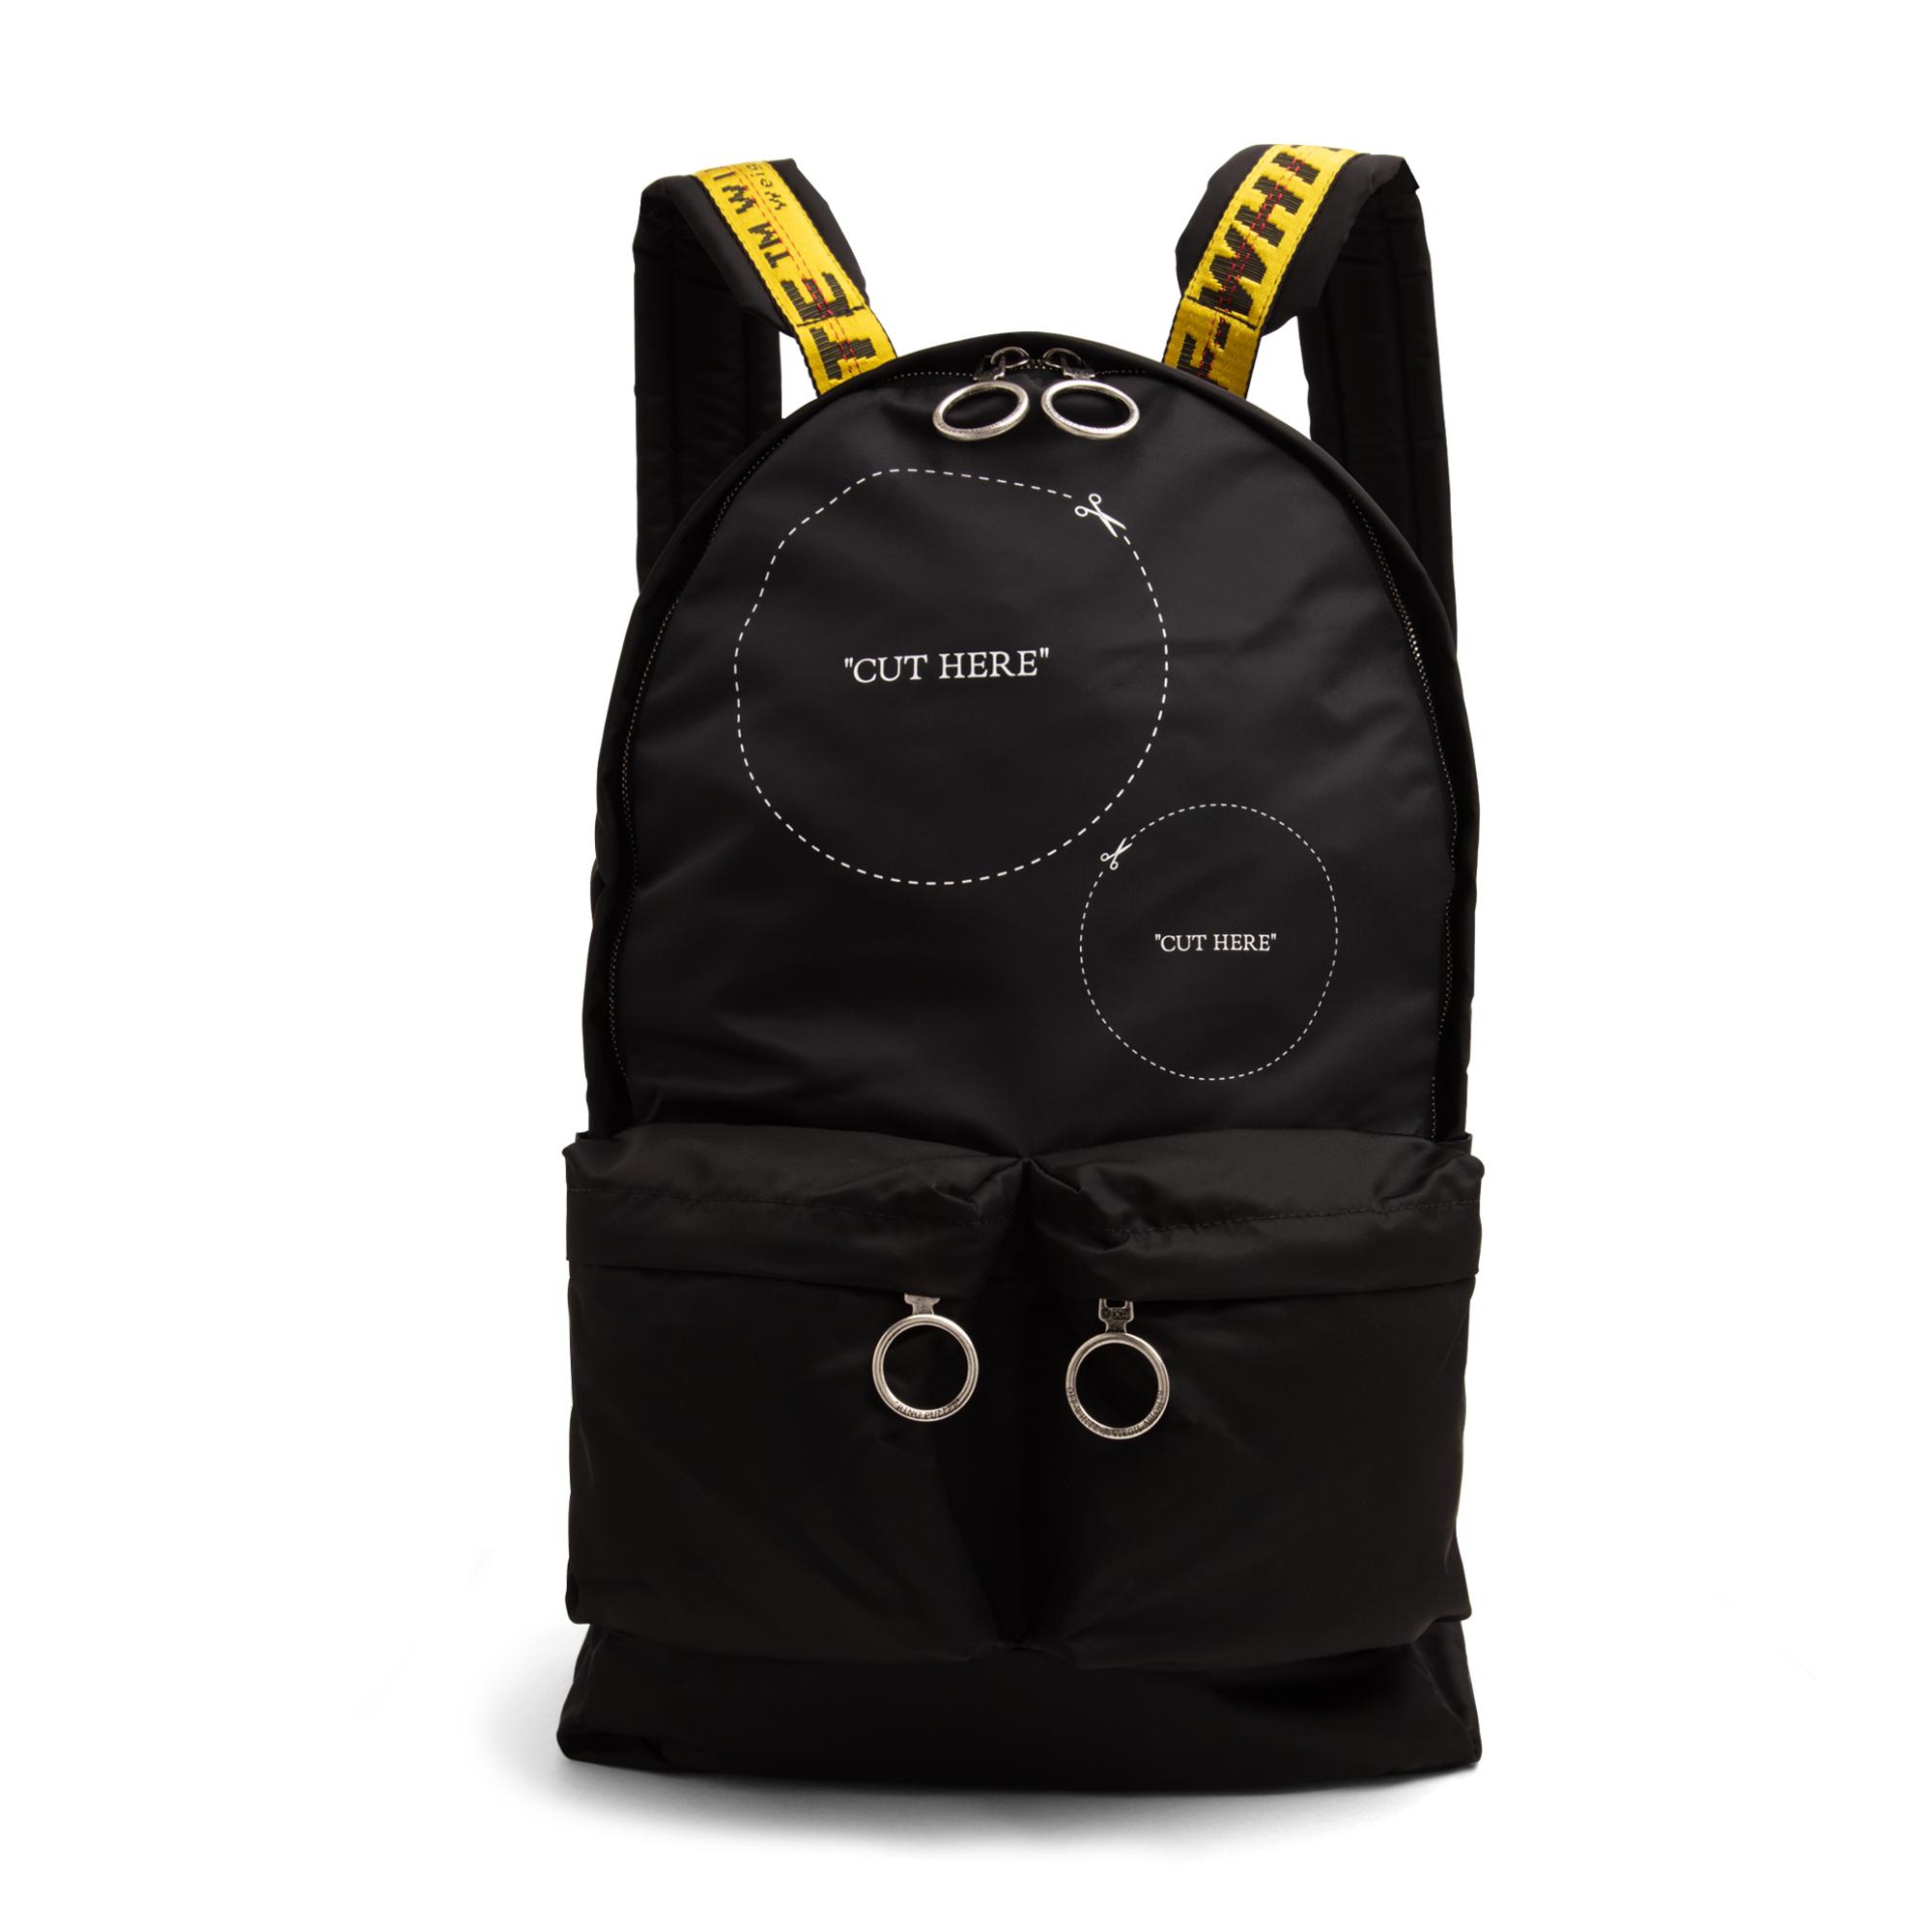 Cut Here backpack